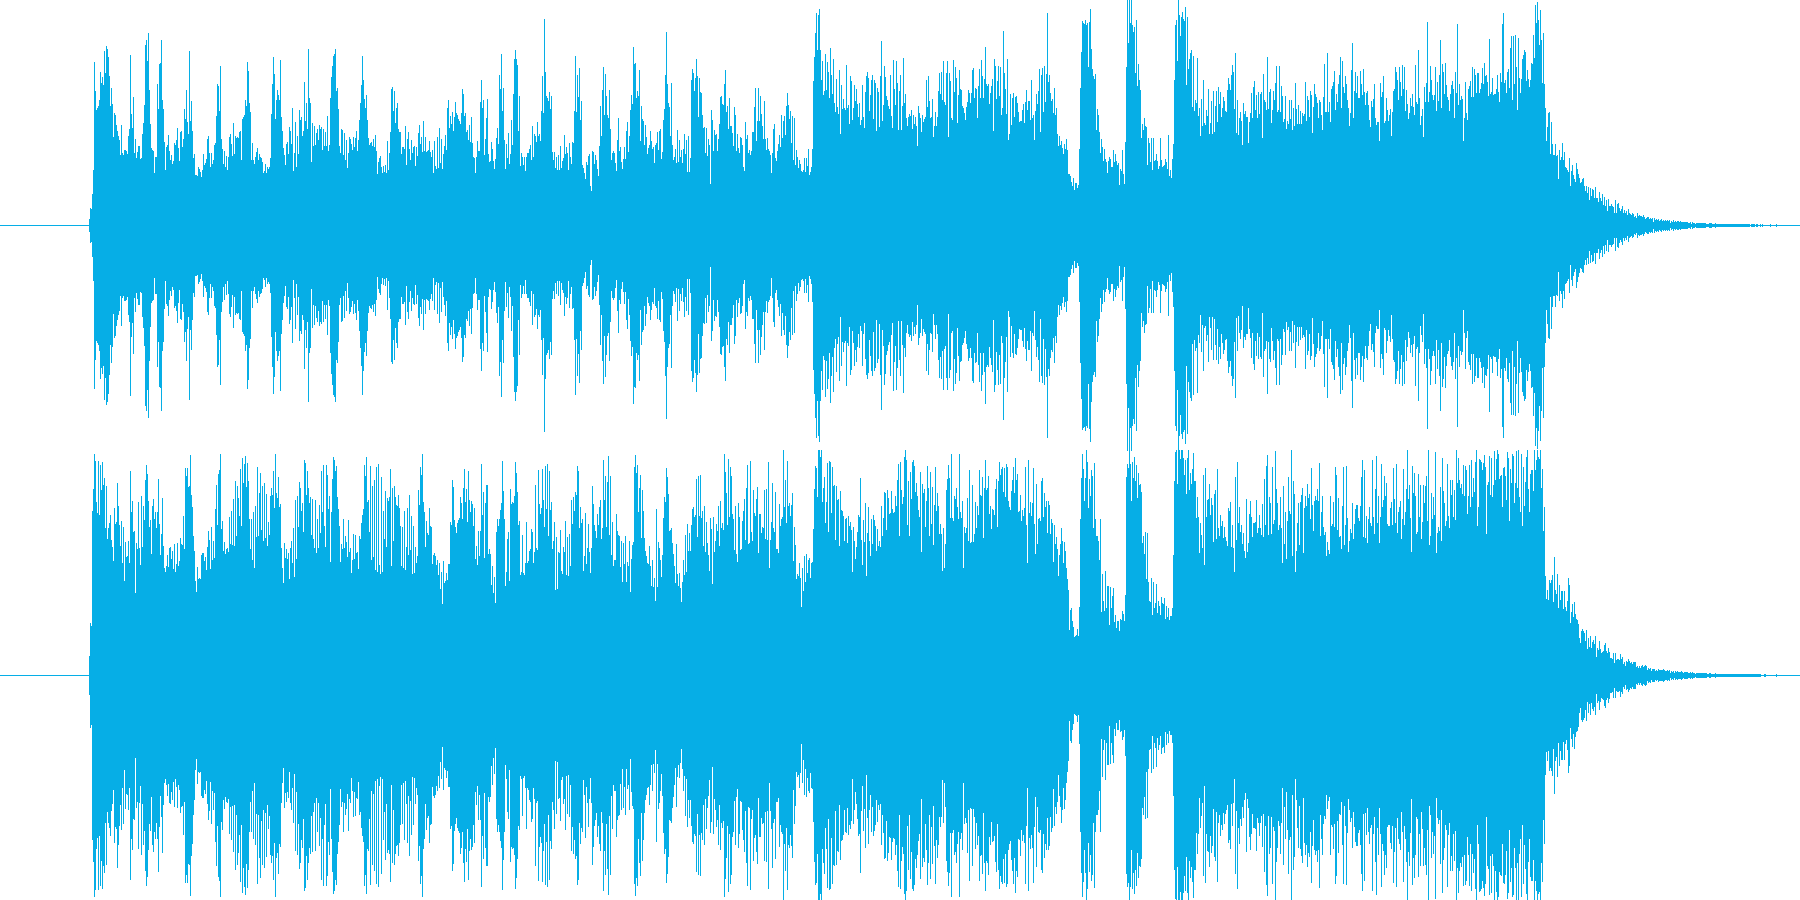 勇壮なファンファーレD・賞の発表・競馬風の再生済みの波形